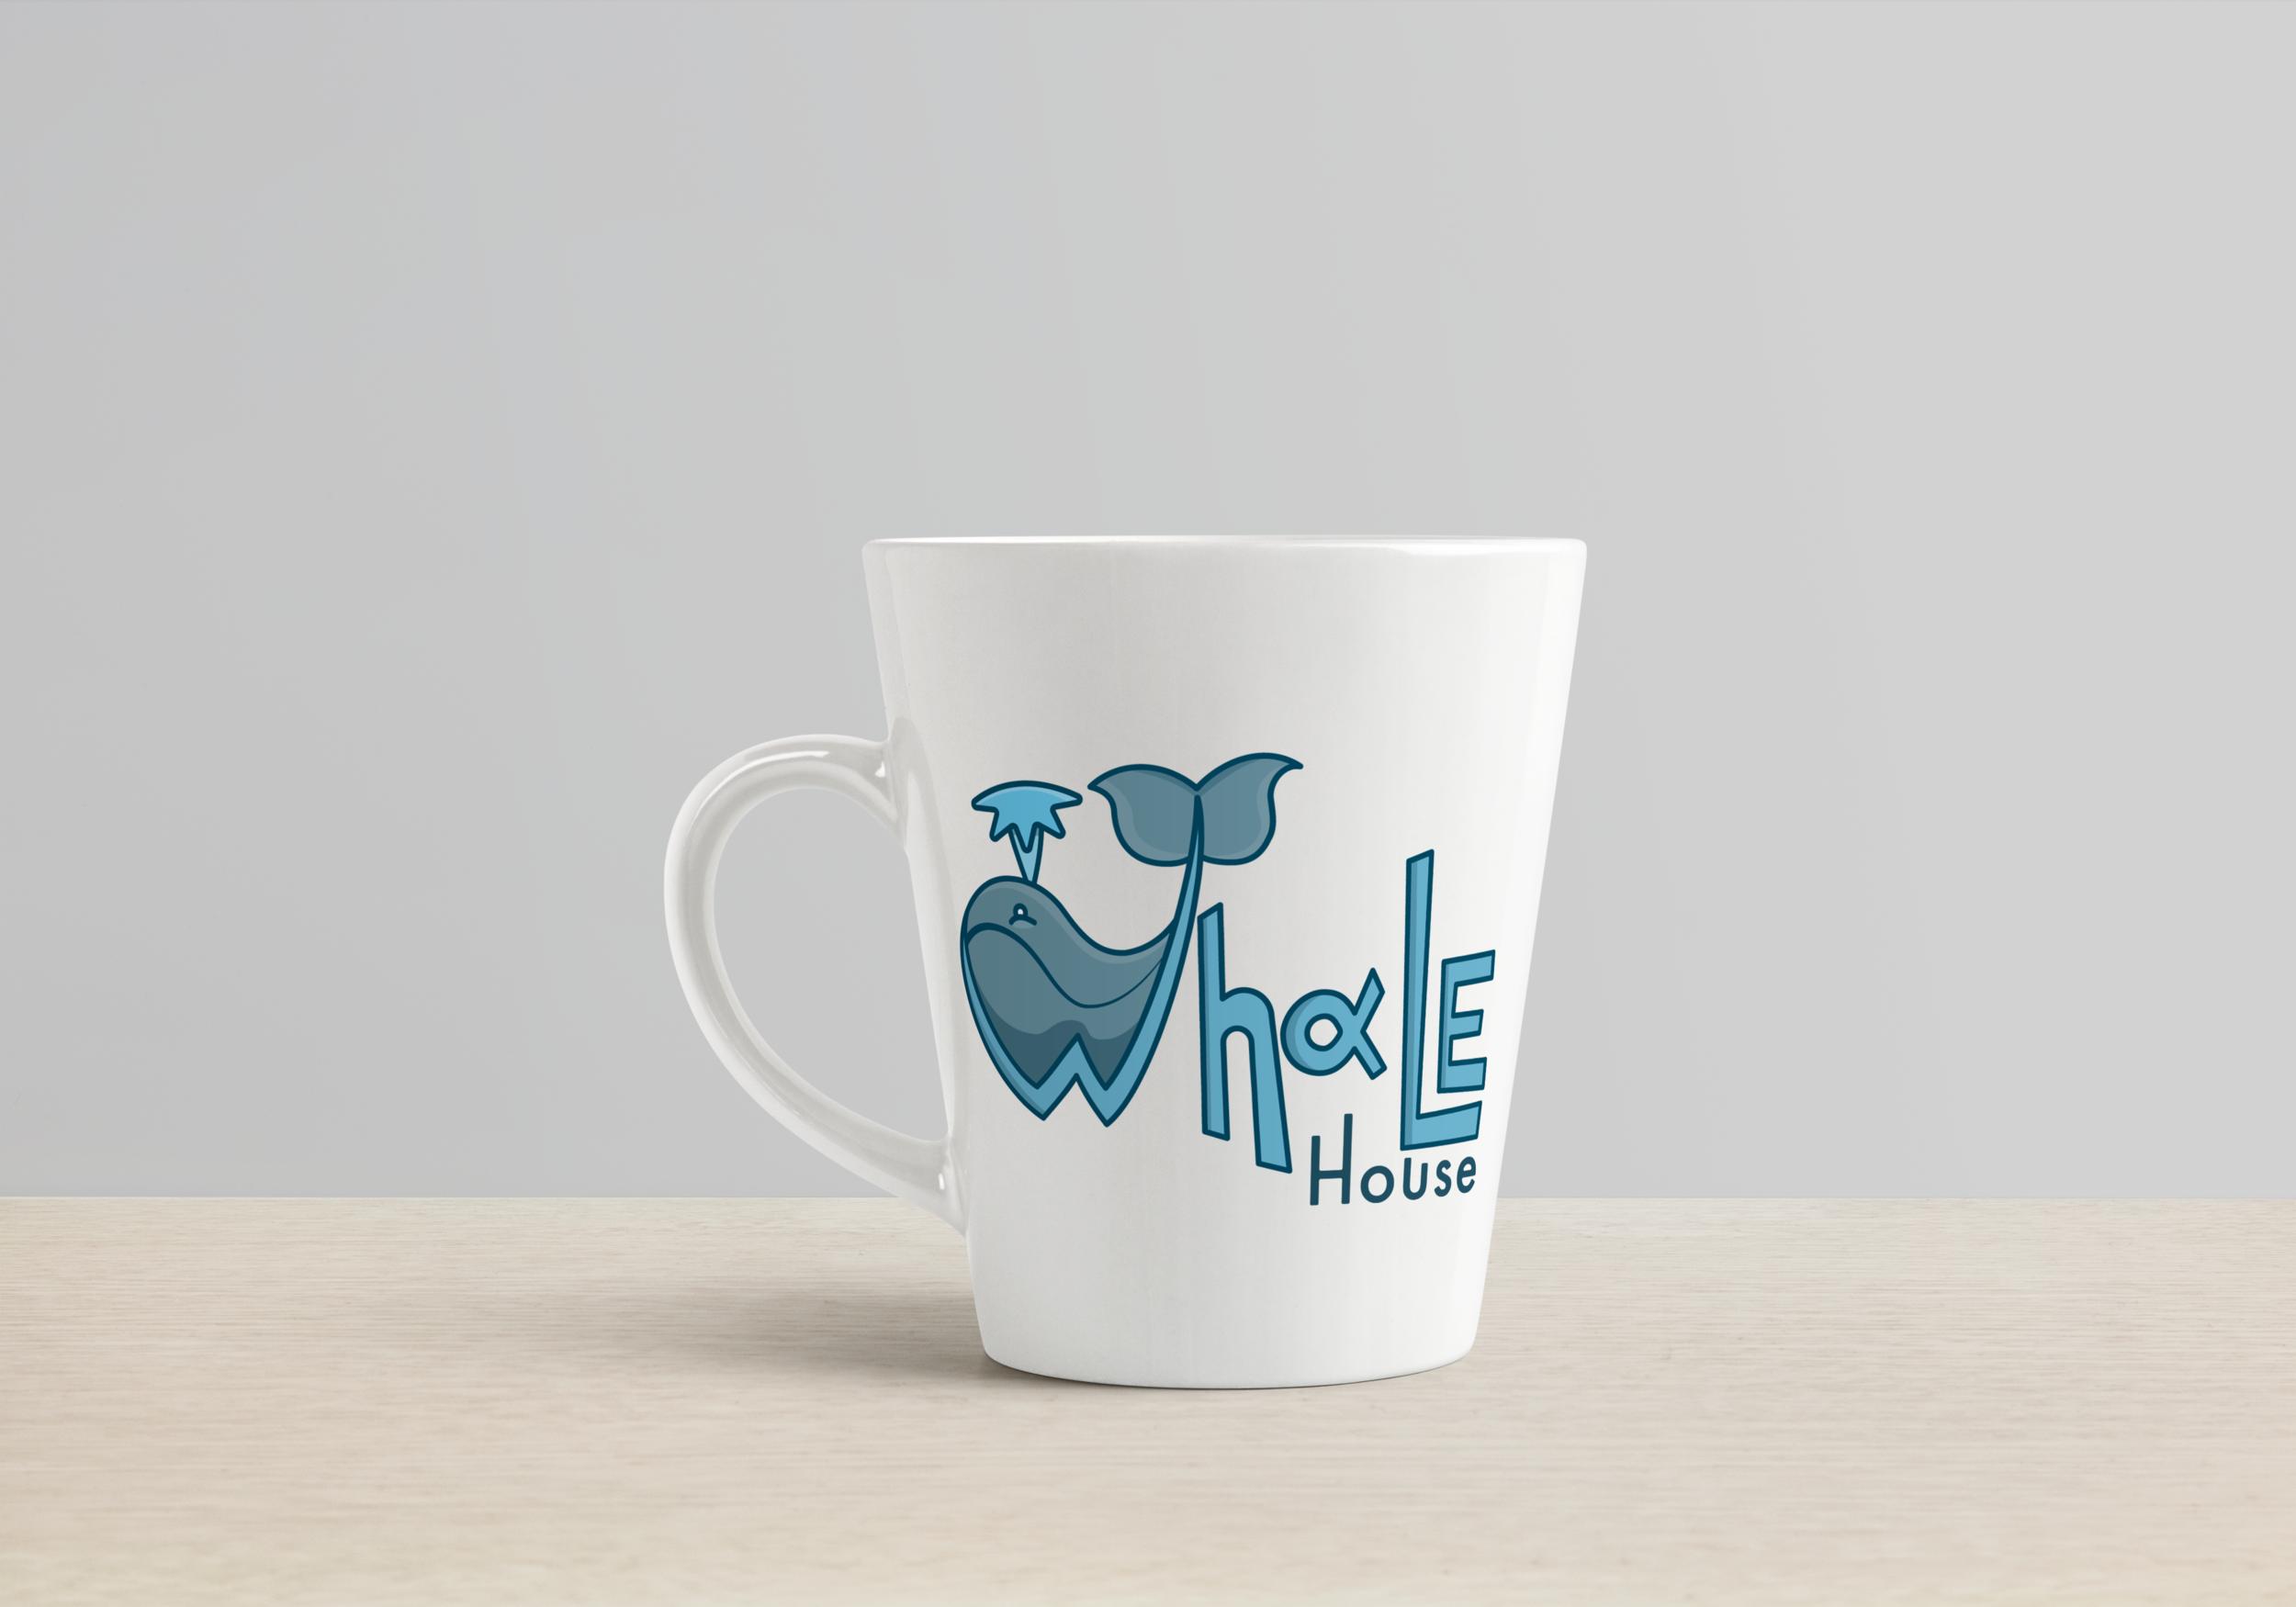 whale_house_mug.png